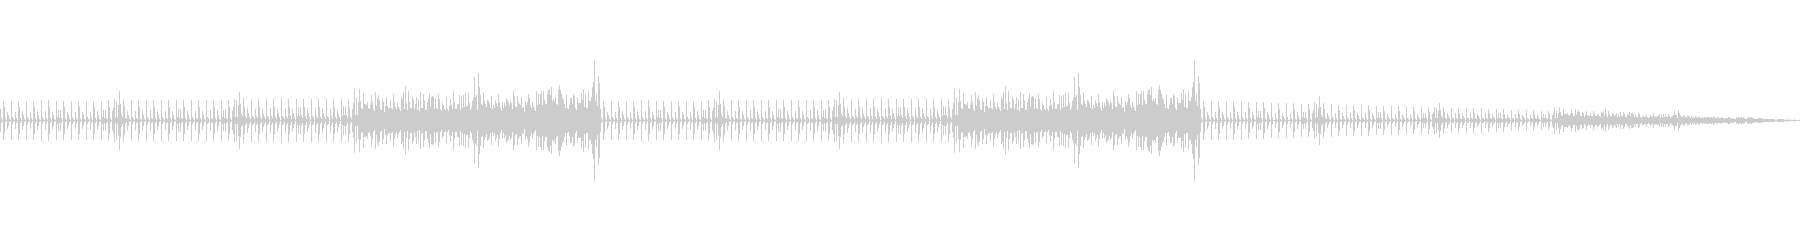 【CM・PV用】明るいテクノ系サウンドの未再生の波形